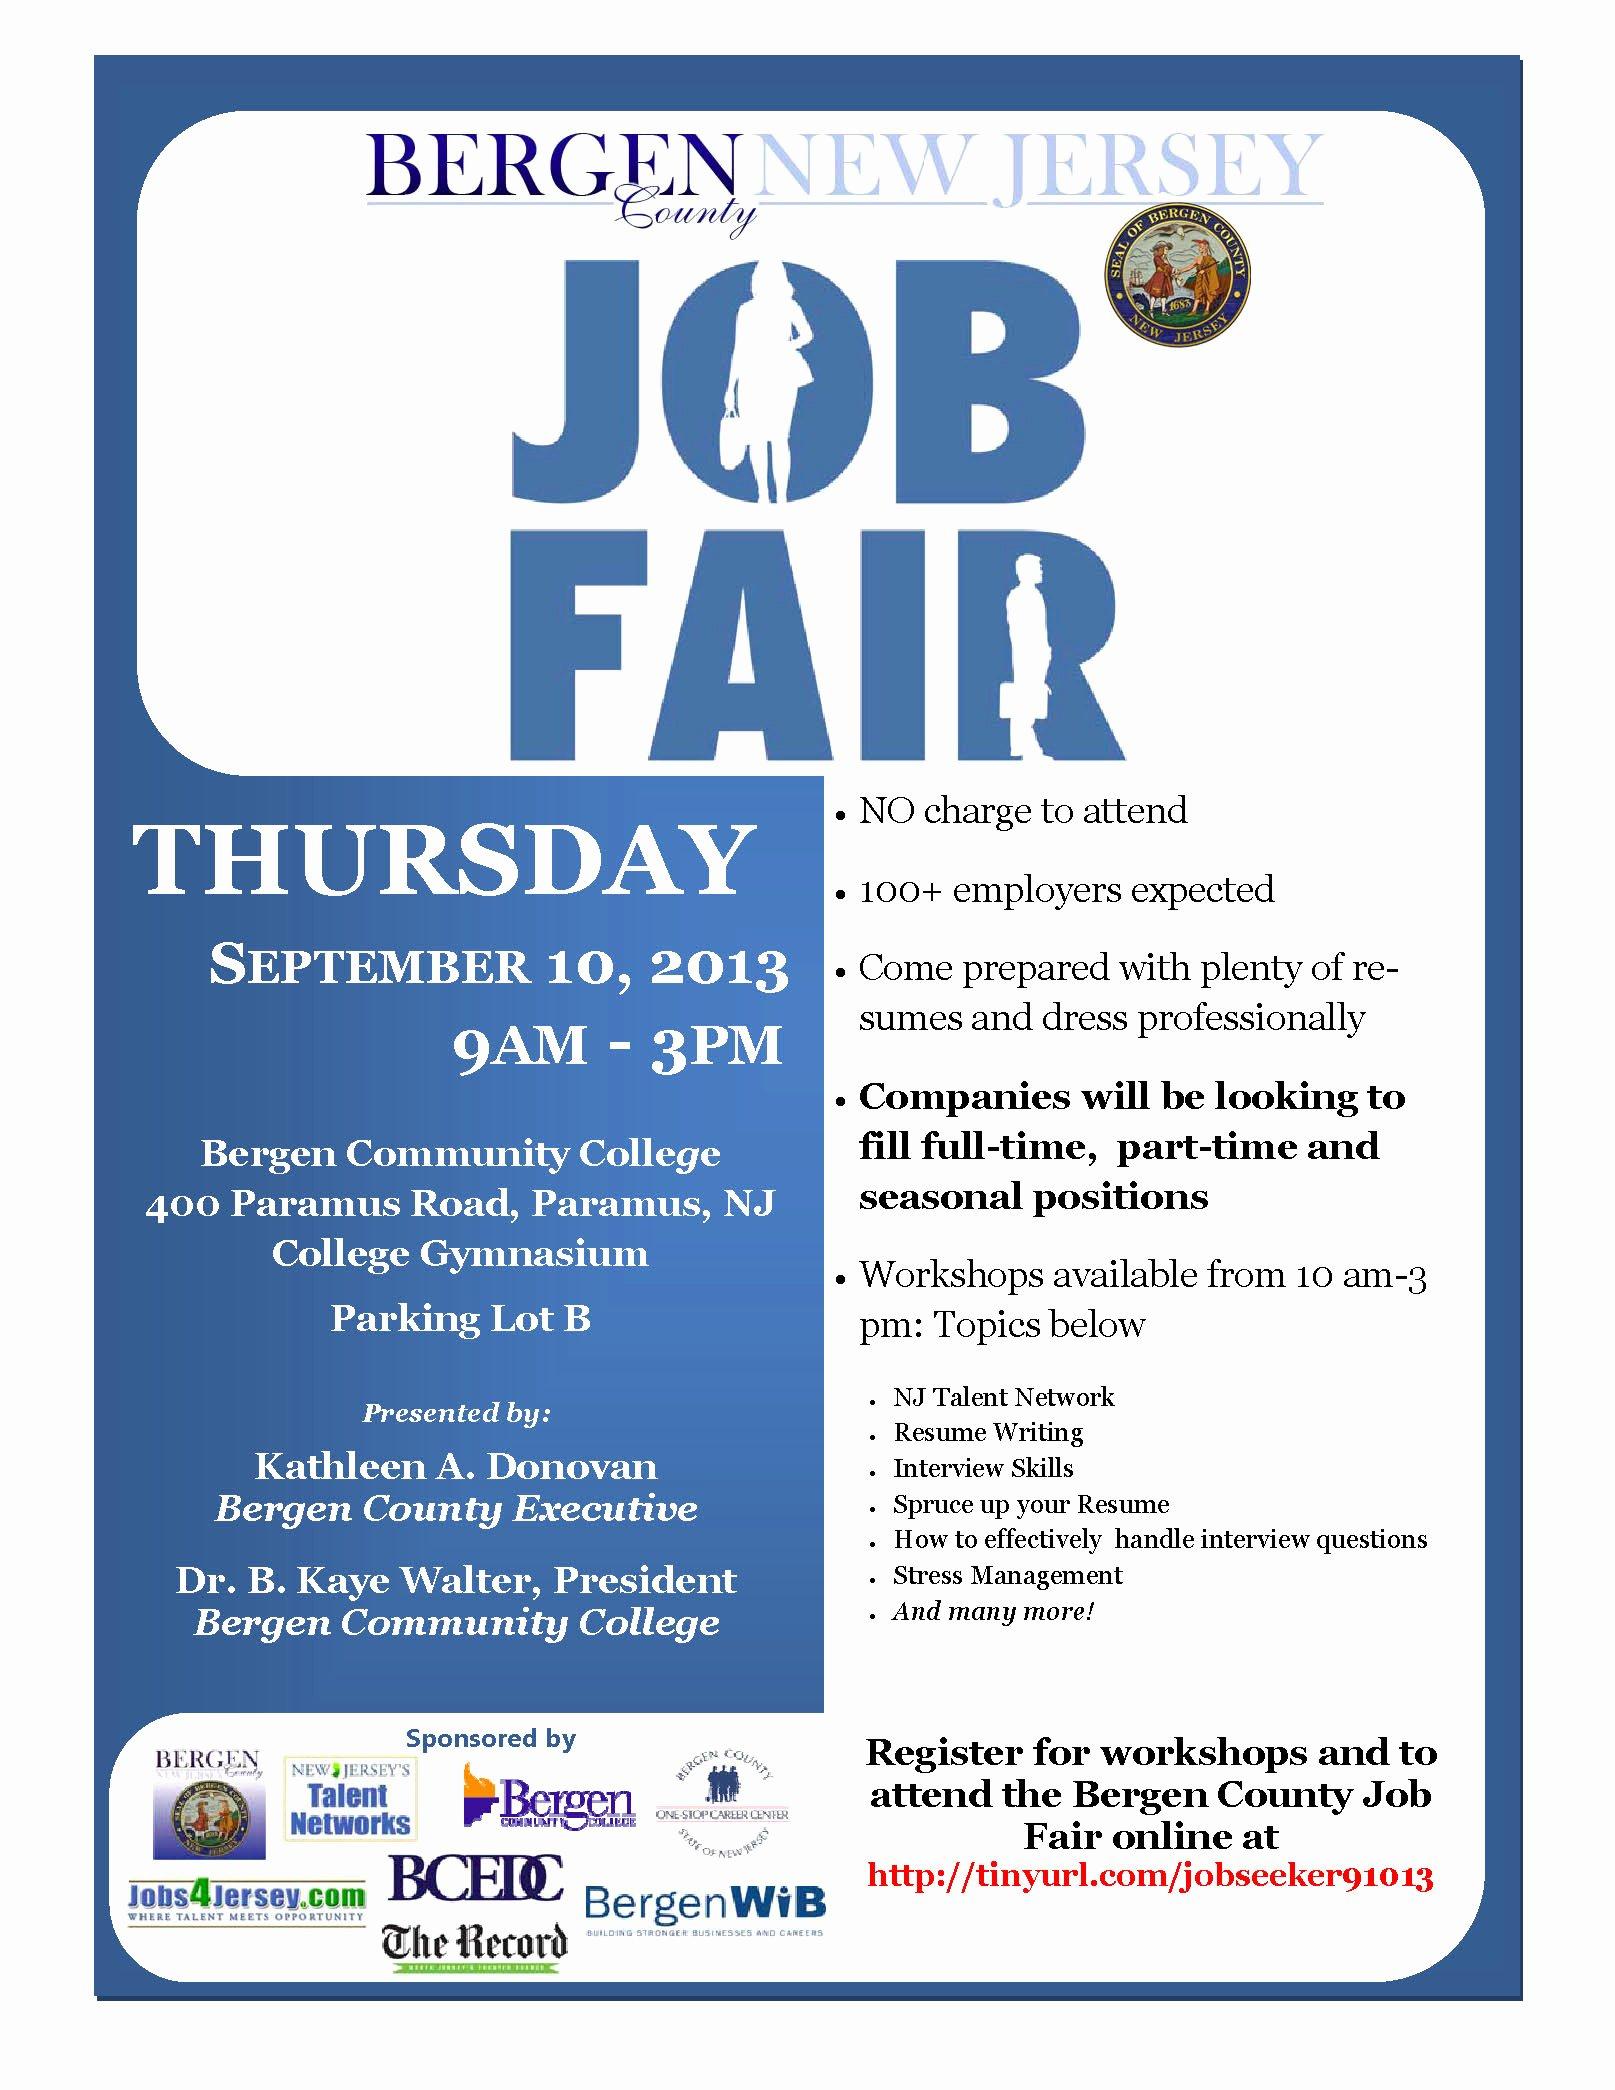 Job Fair Flyer Template Best Of Bergen Munity College Job Fair September 10th